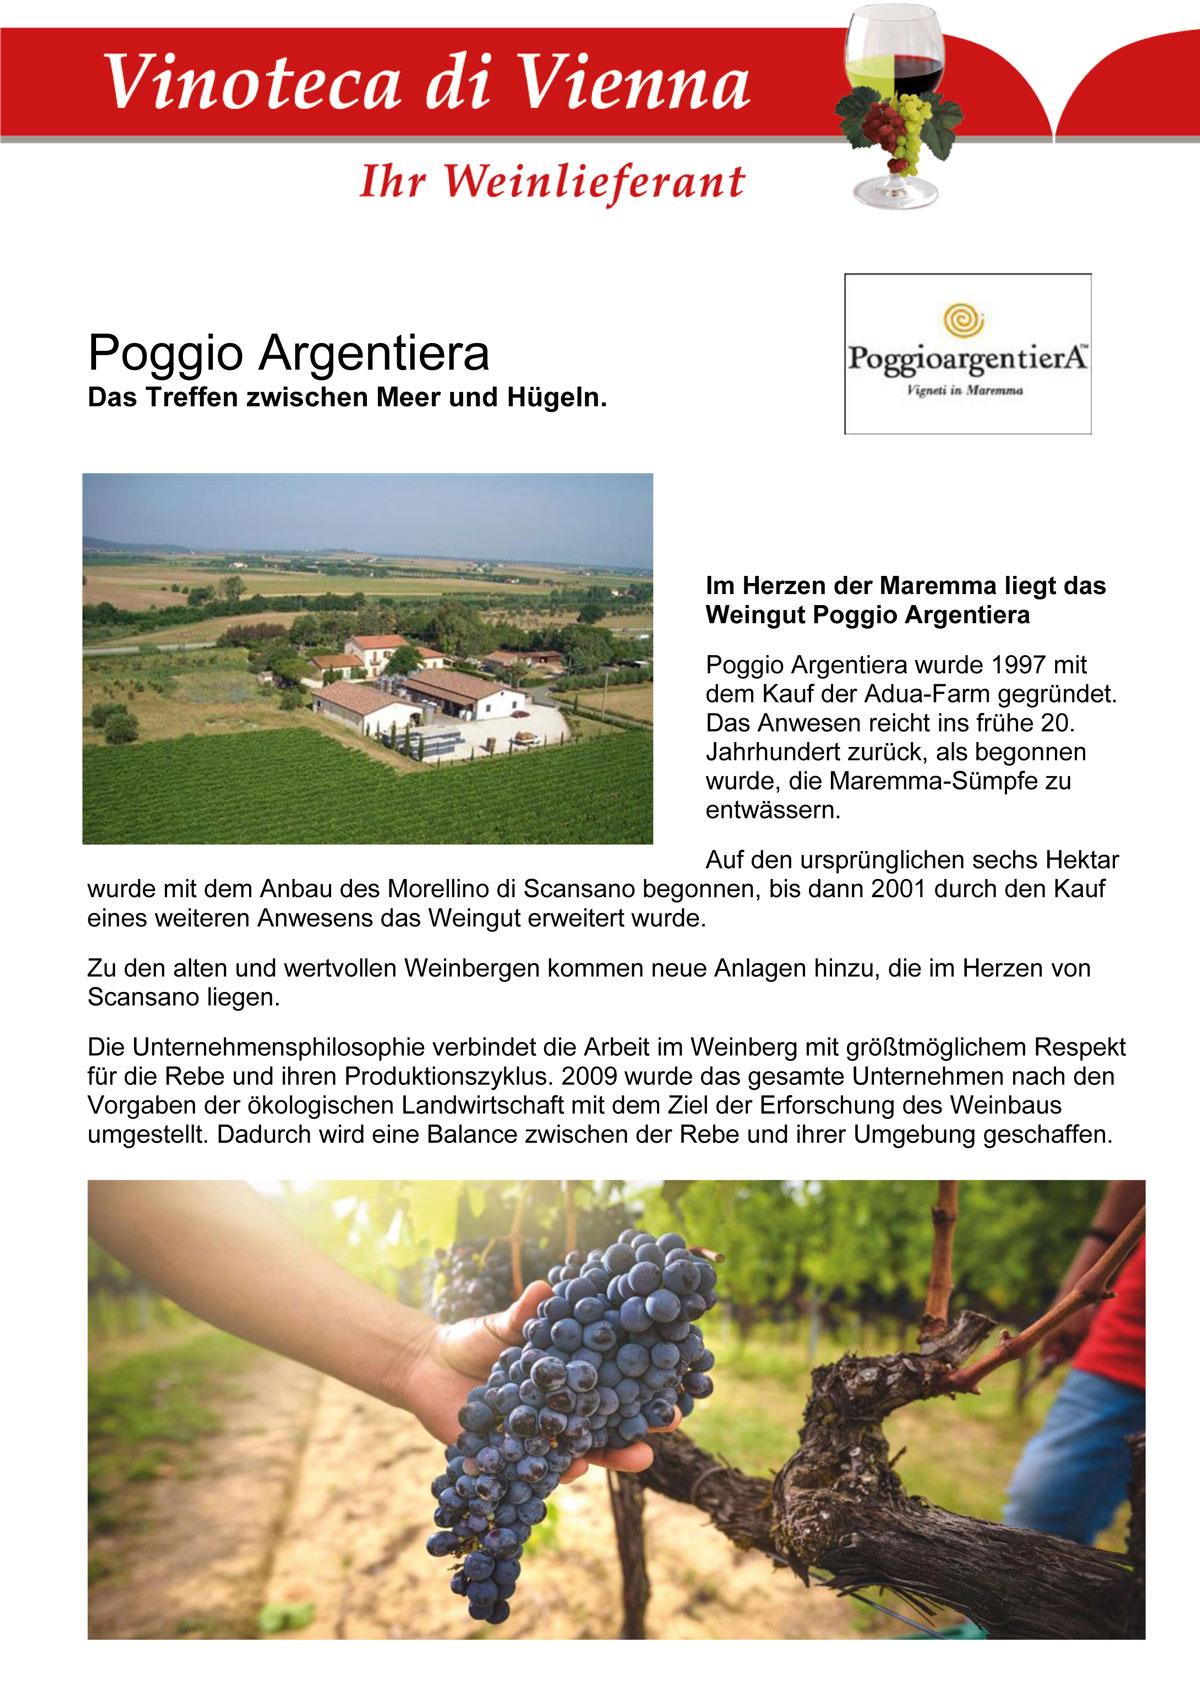 Poggio Argentiera, Italien, Toskana, Maremma, Das Treffen zwischen Meer und Hügeln.